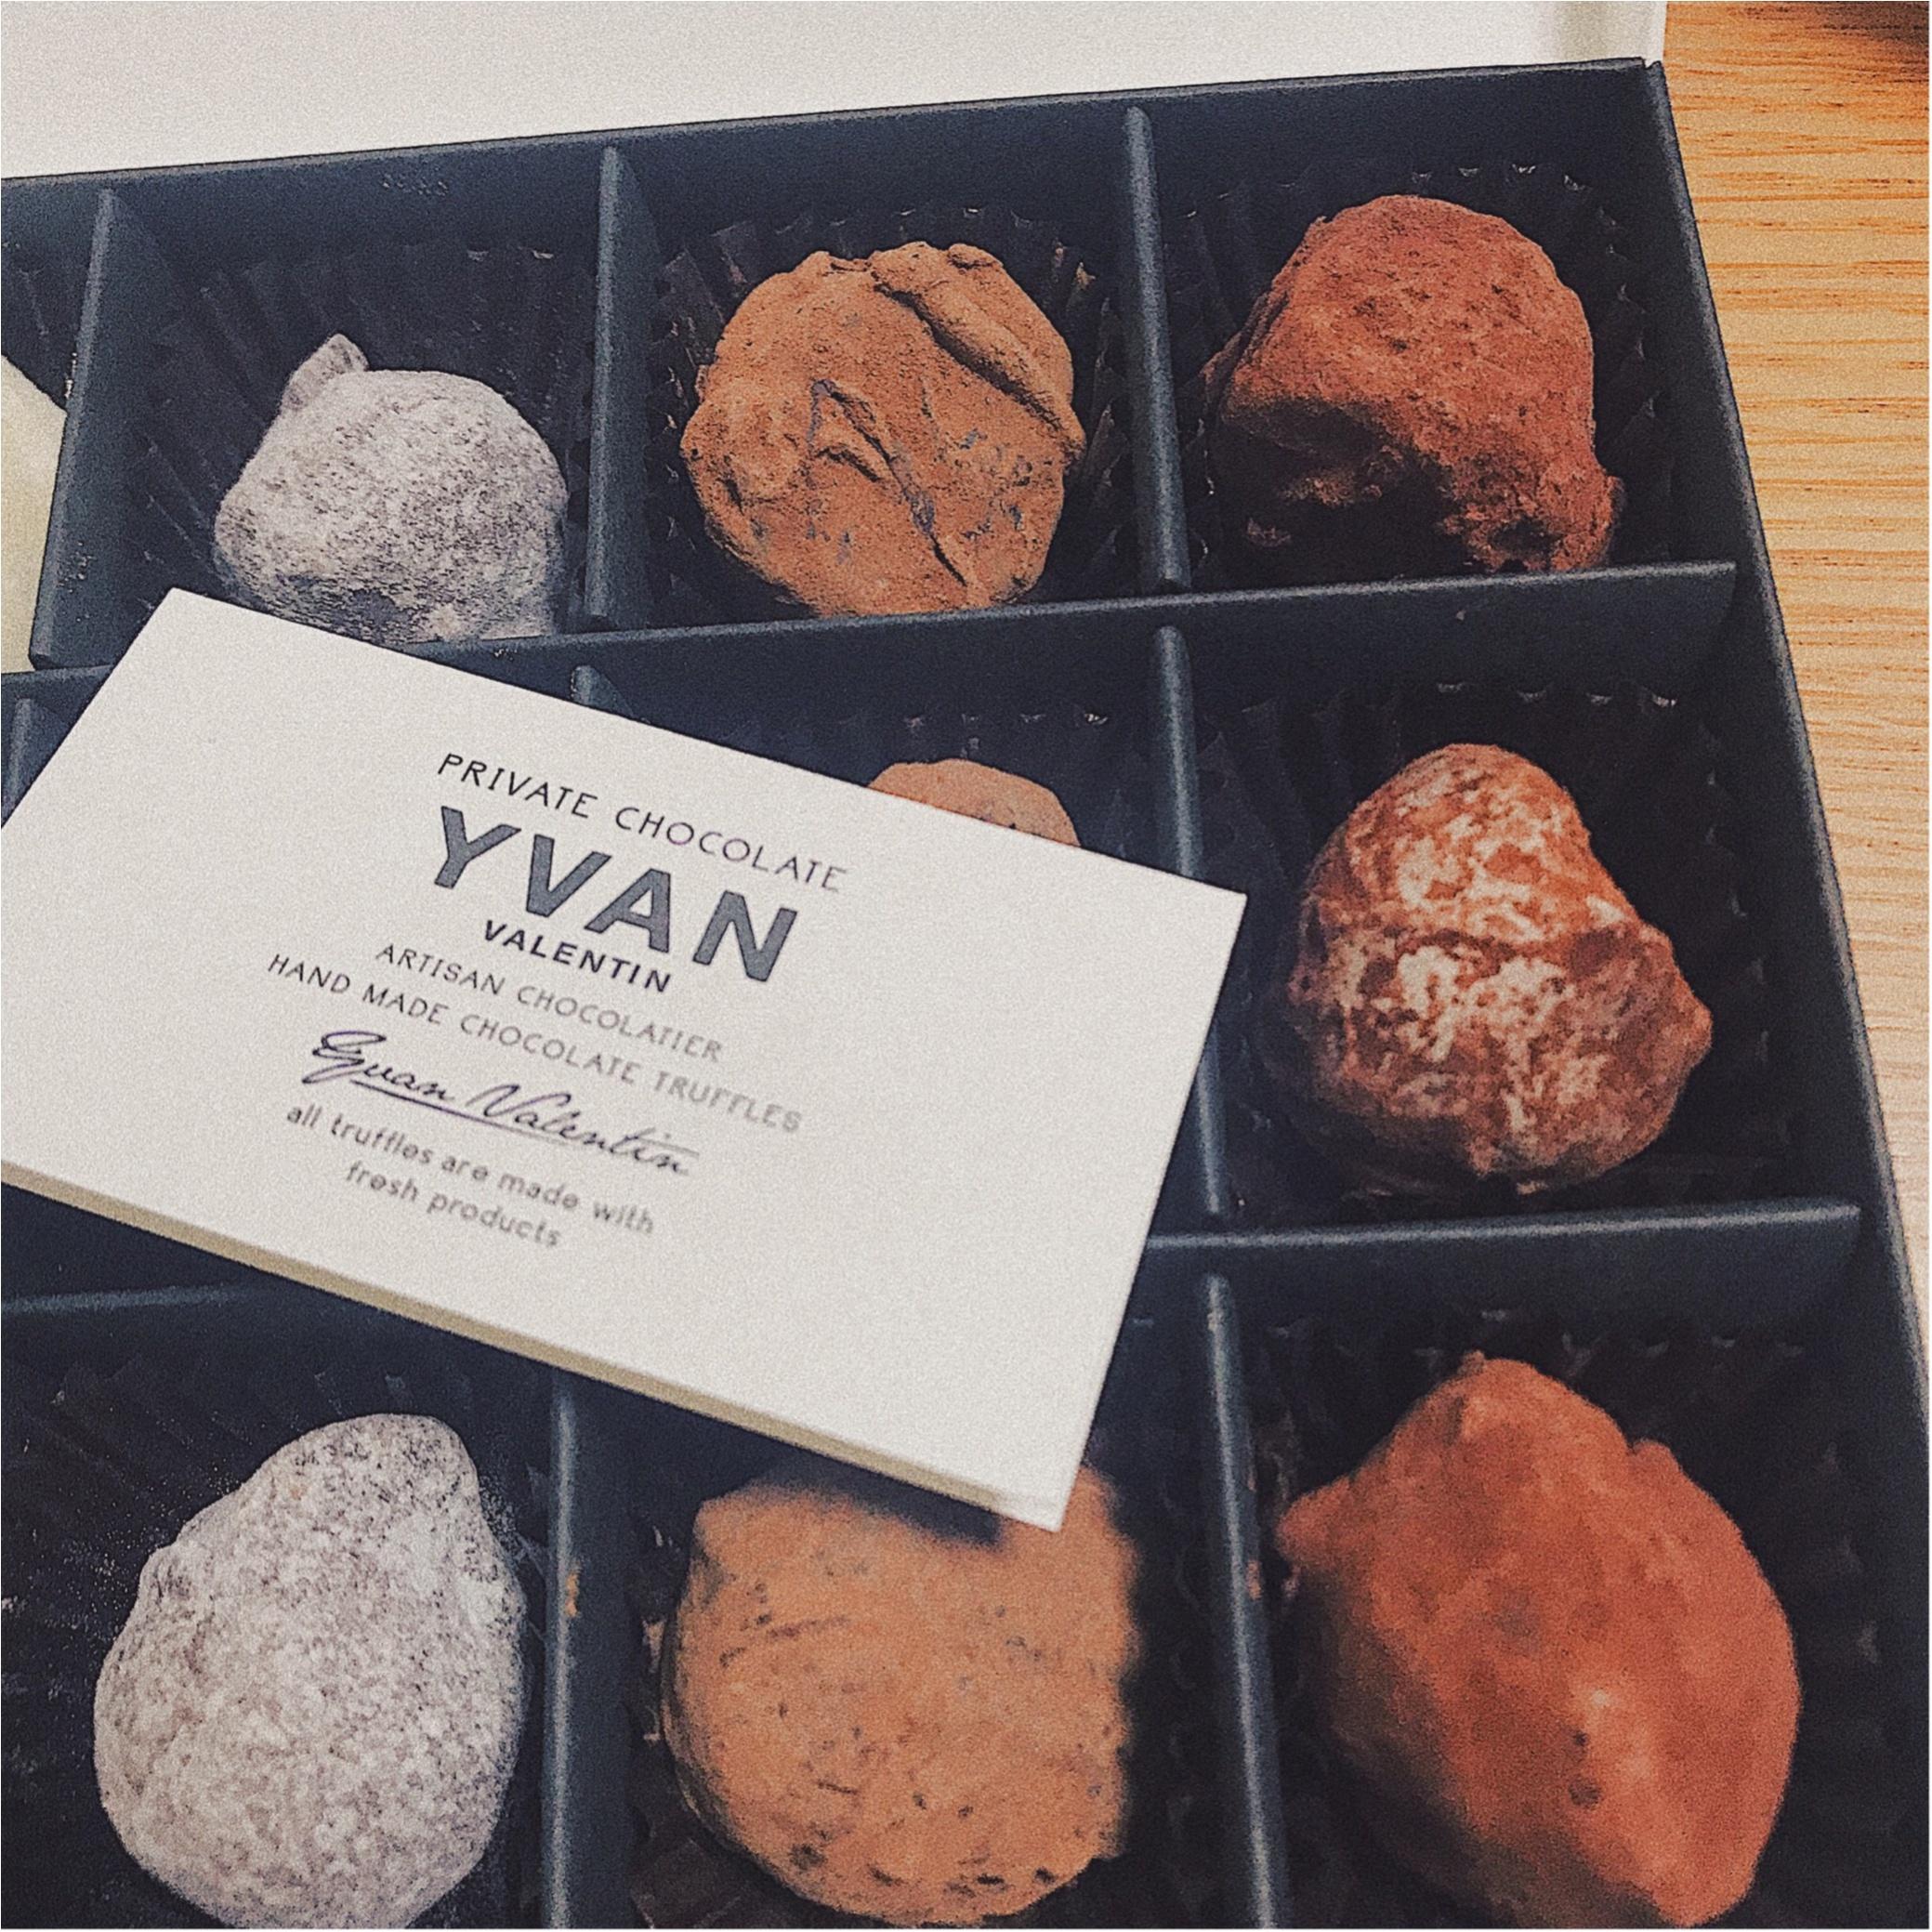 【特別バレンタイン】第2弾!やっと買えた今しか買えない幻のチョコレート《YVAN VALENTIN》ゲットしました♡♡_2